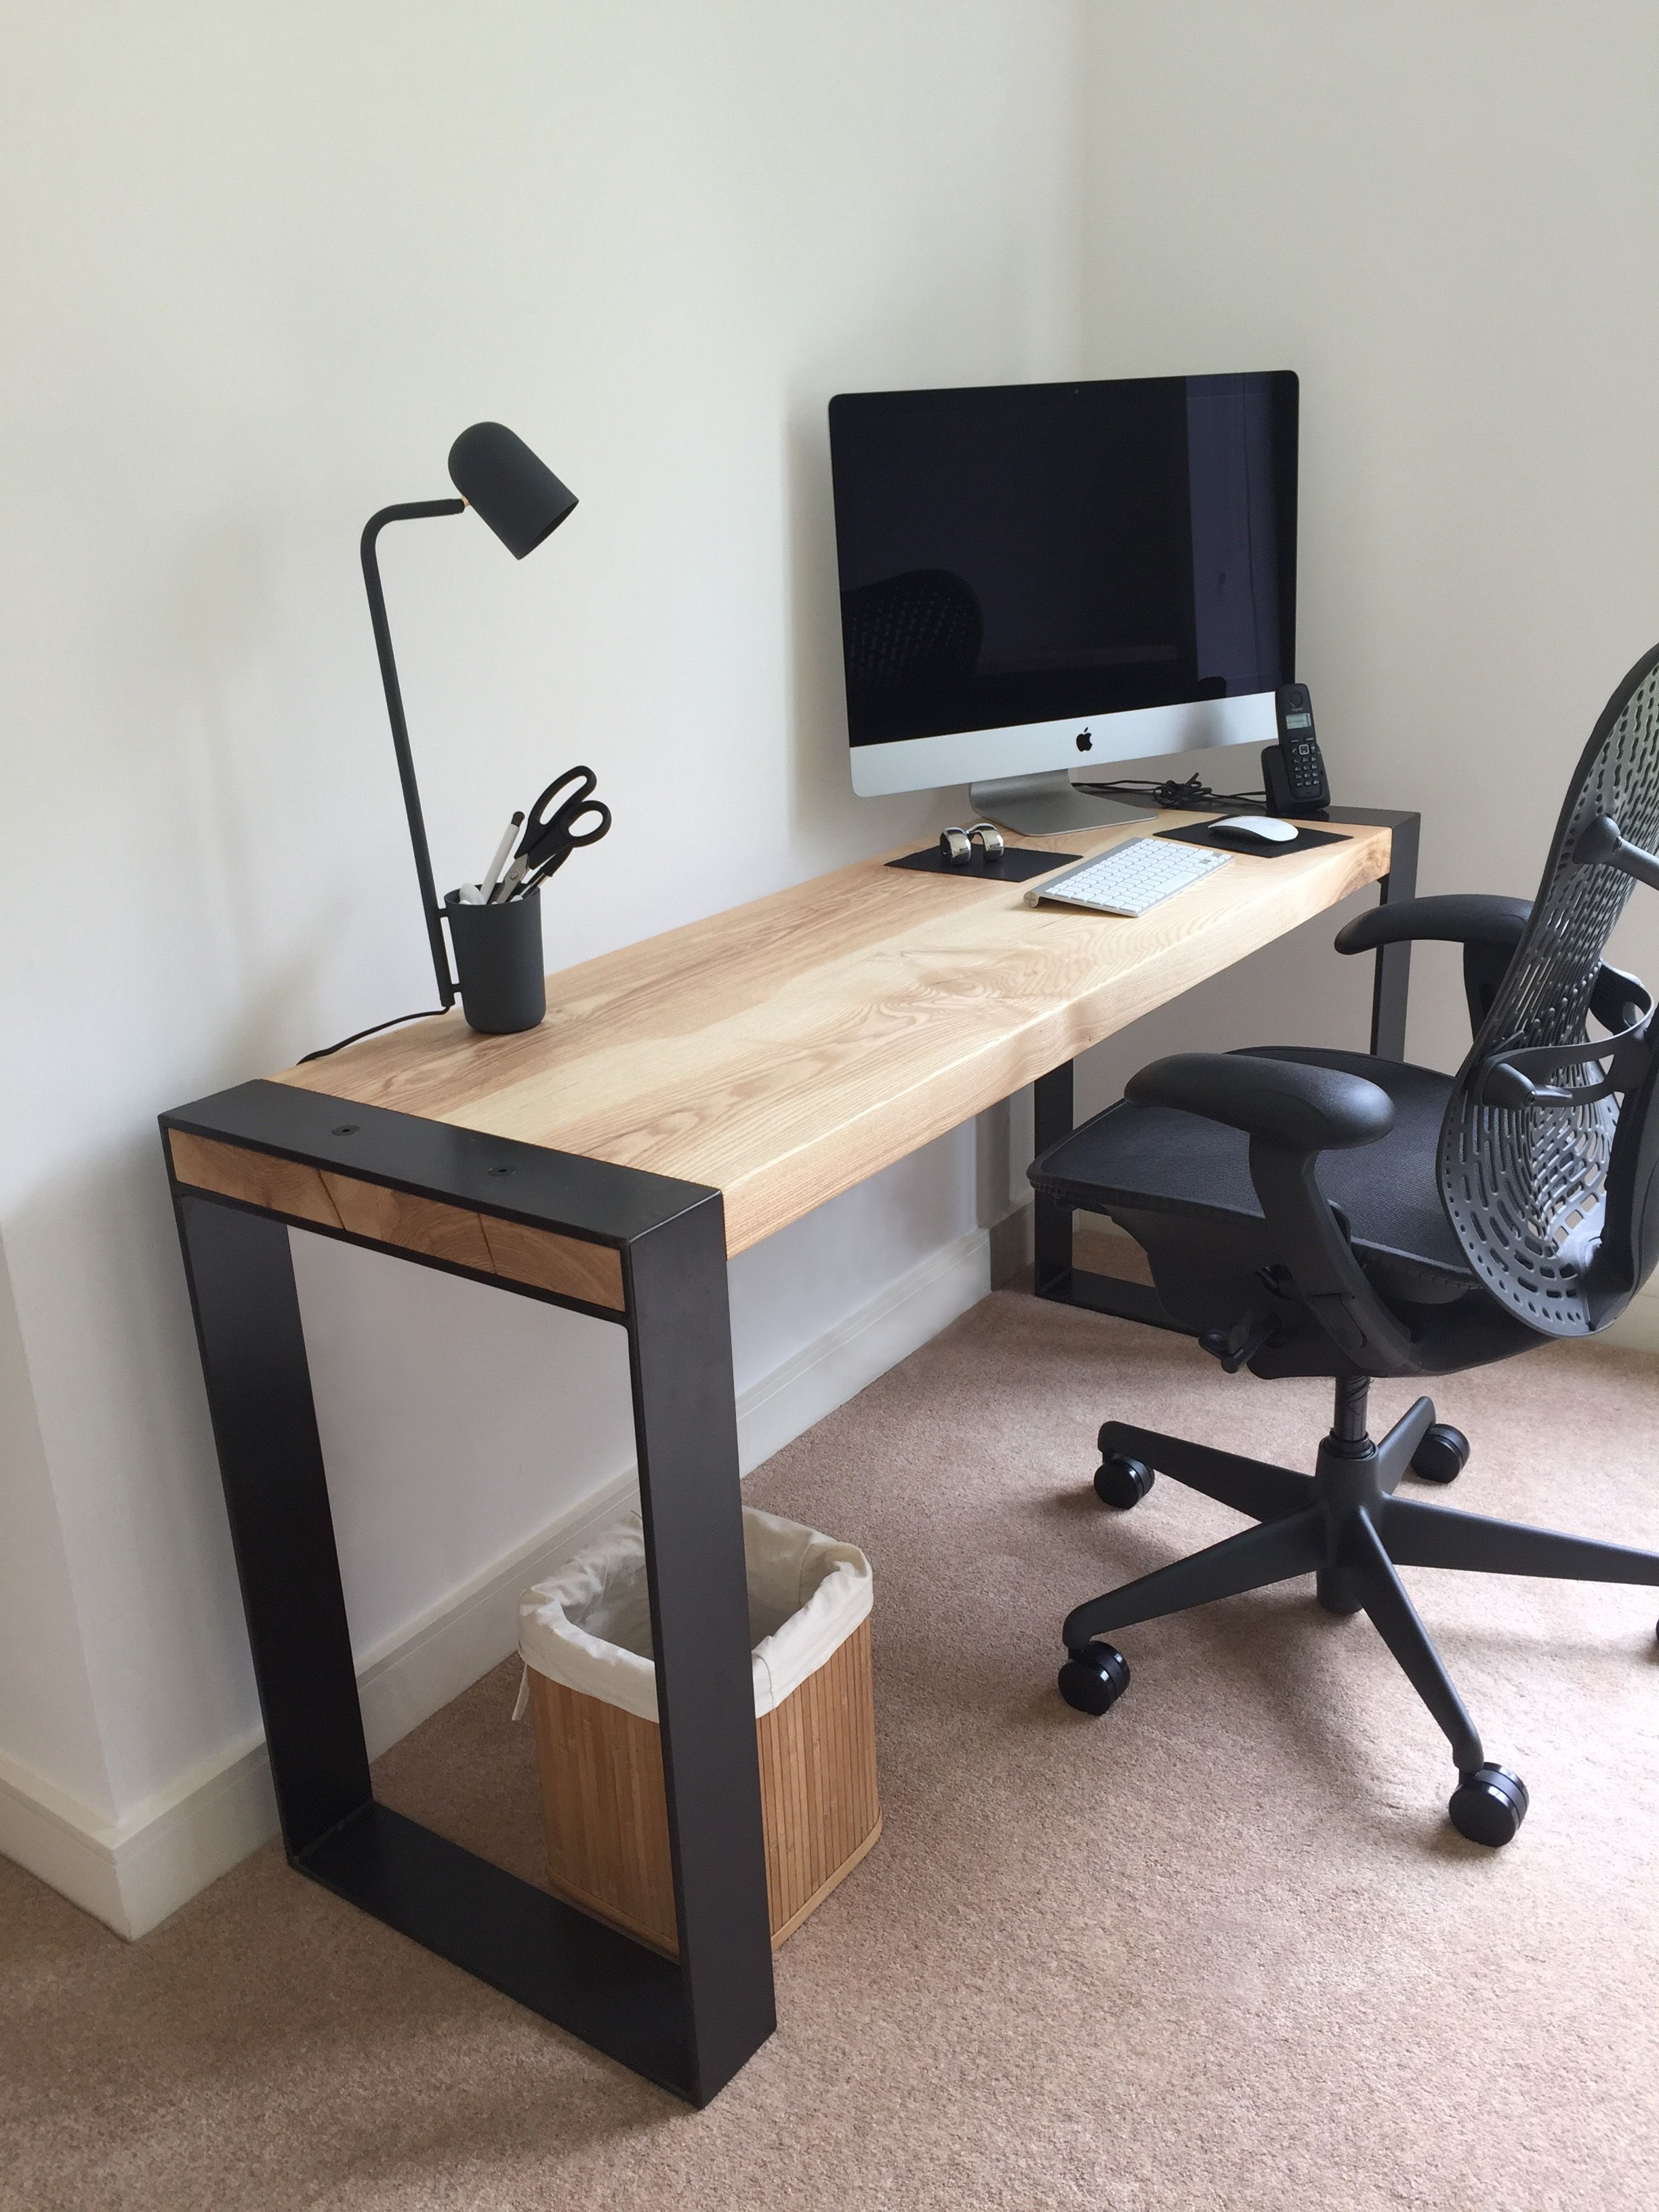 Bespoke Ash Desk in 2020 Wood furniture living room